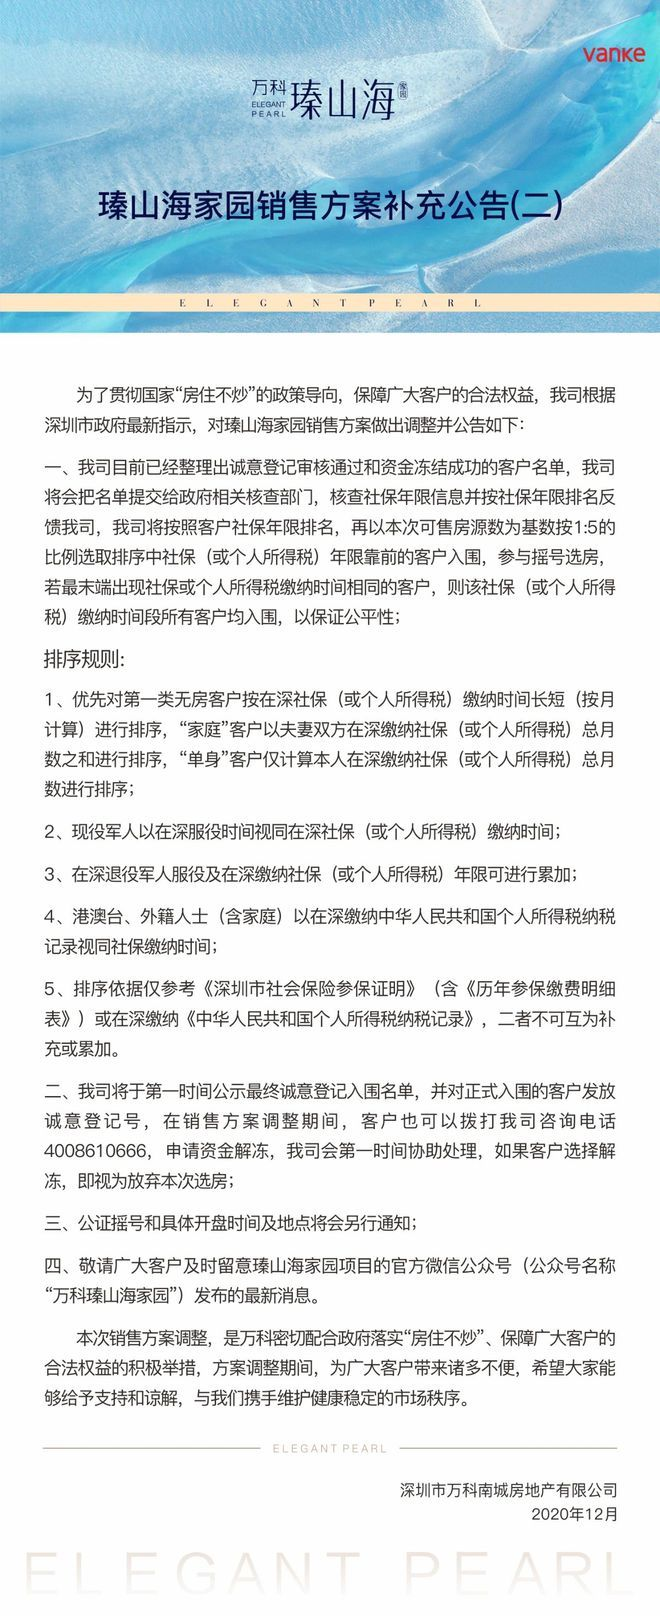 根据深圳市政府指示 万科调整瑧山海家园销售方案